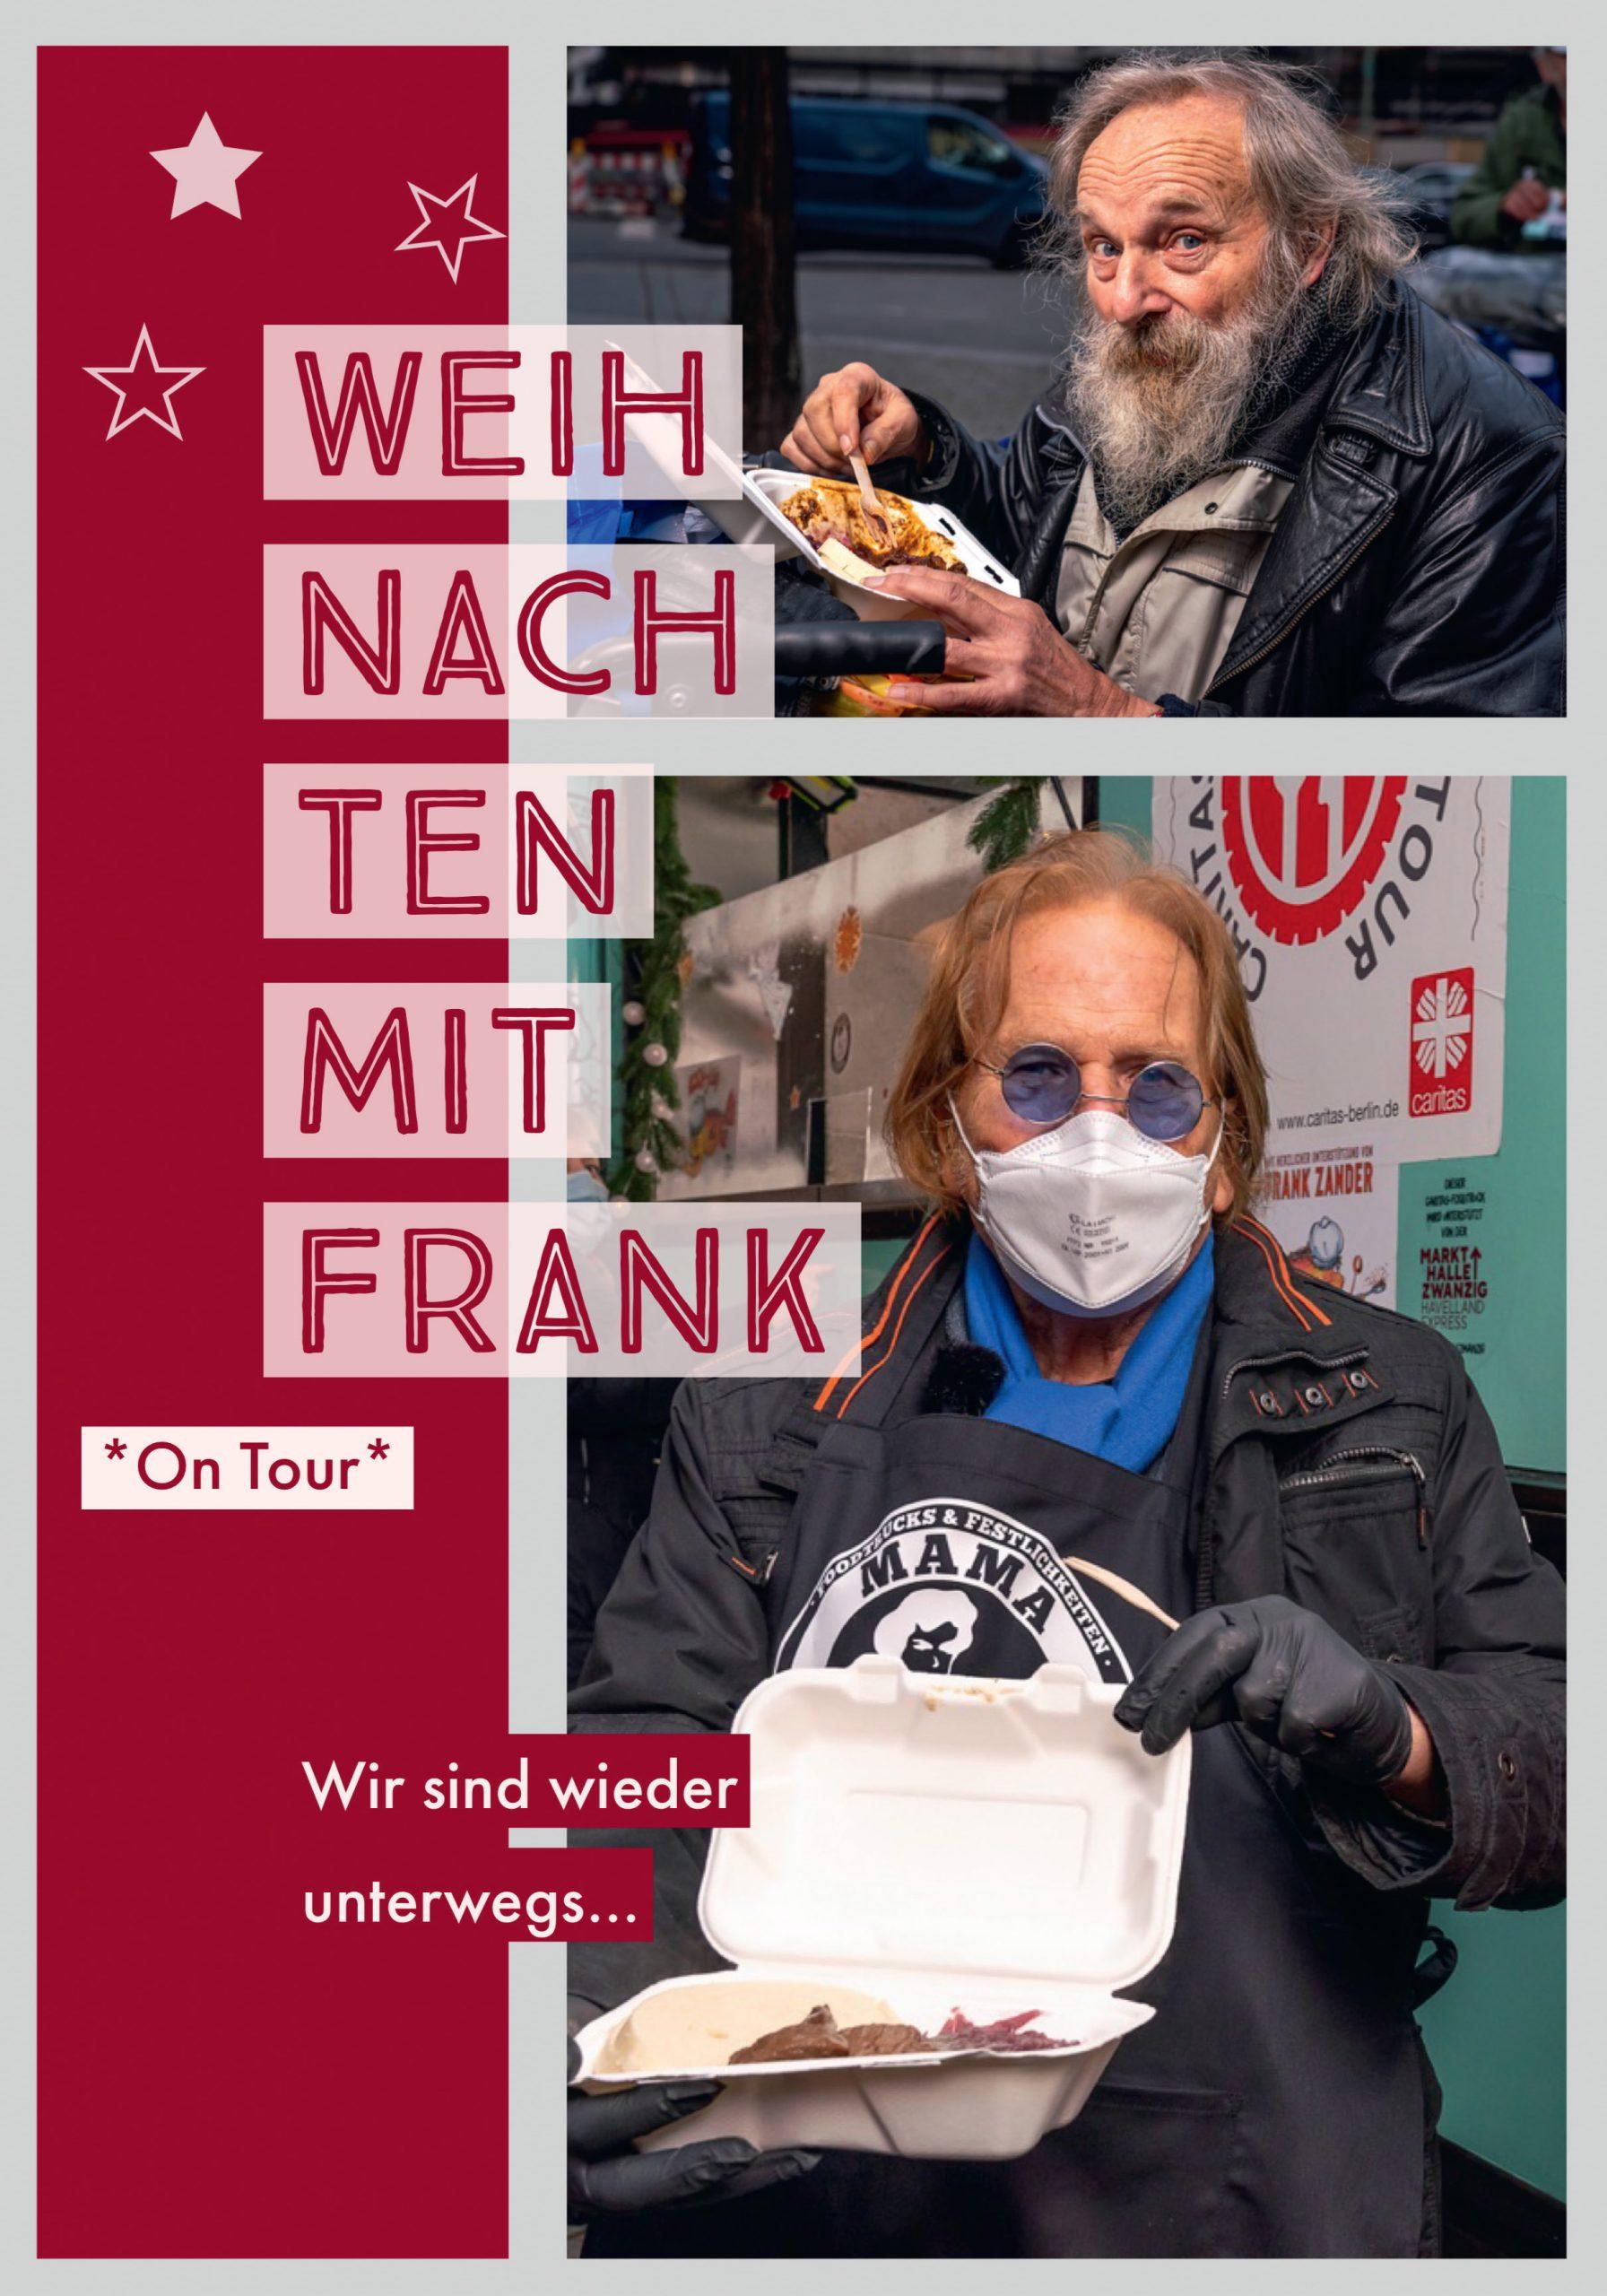 Auch dieses Jahr heißt es für uns wieder: Weihnachten mit Frank *On Tour*